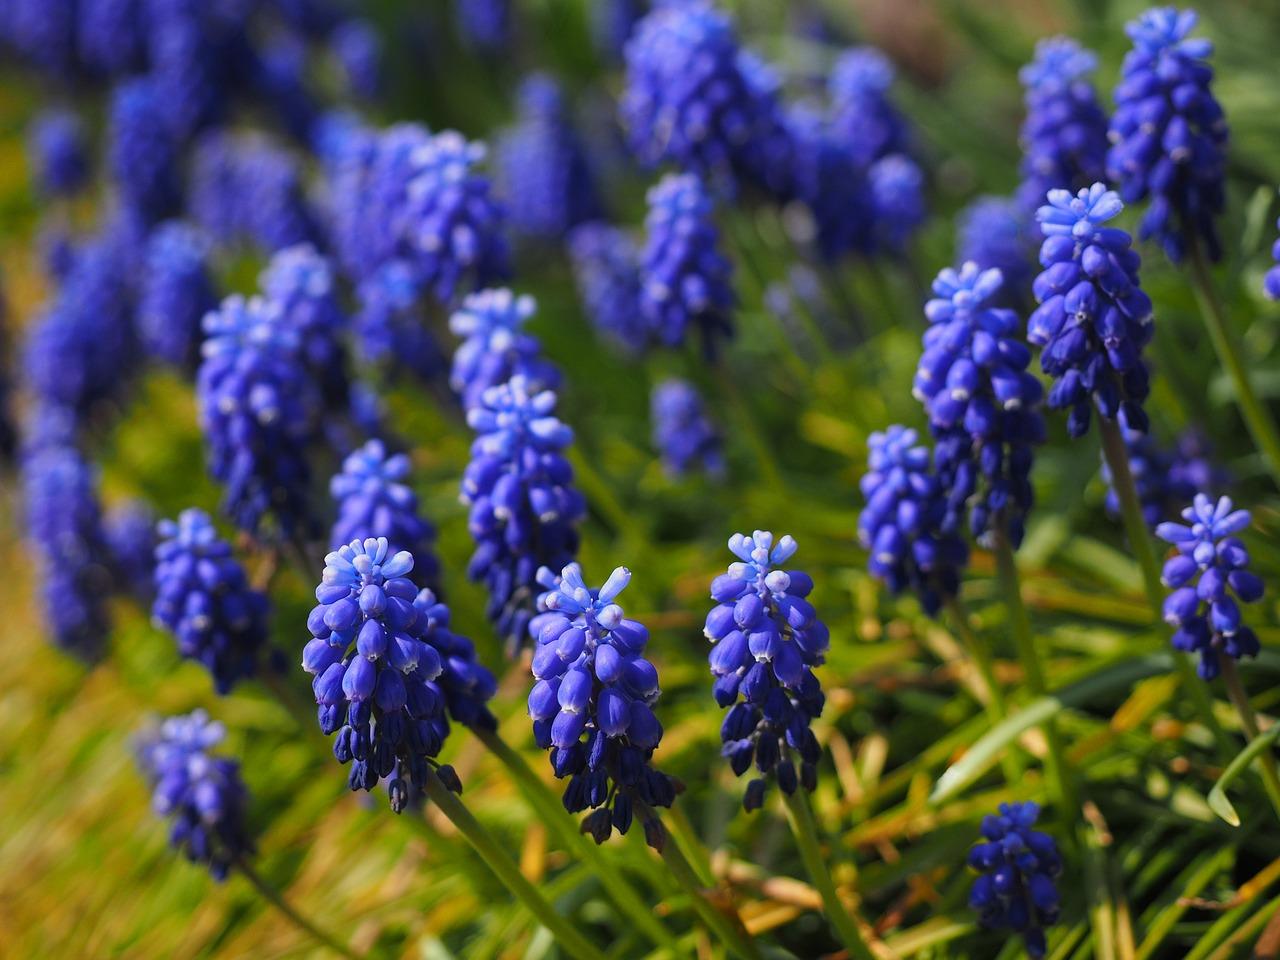 Traubenhyazinthe und Zierlauch-Allium